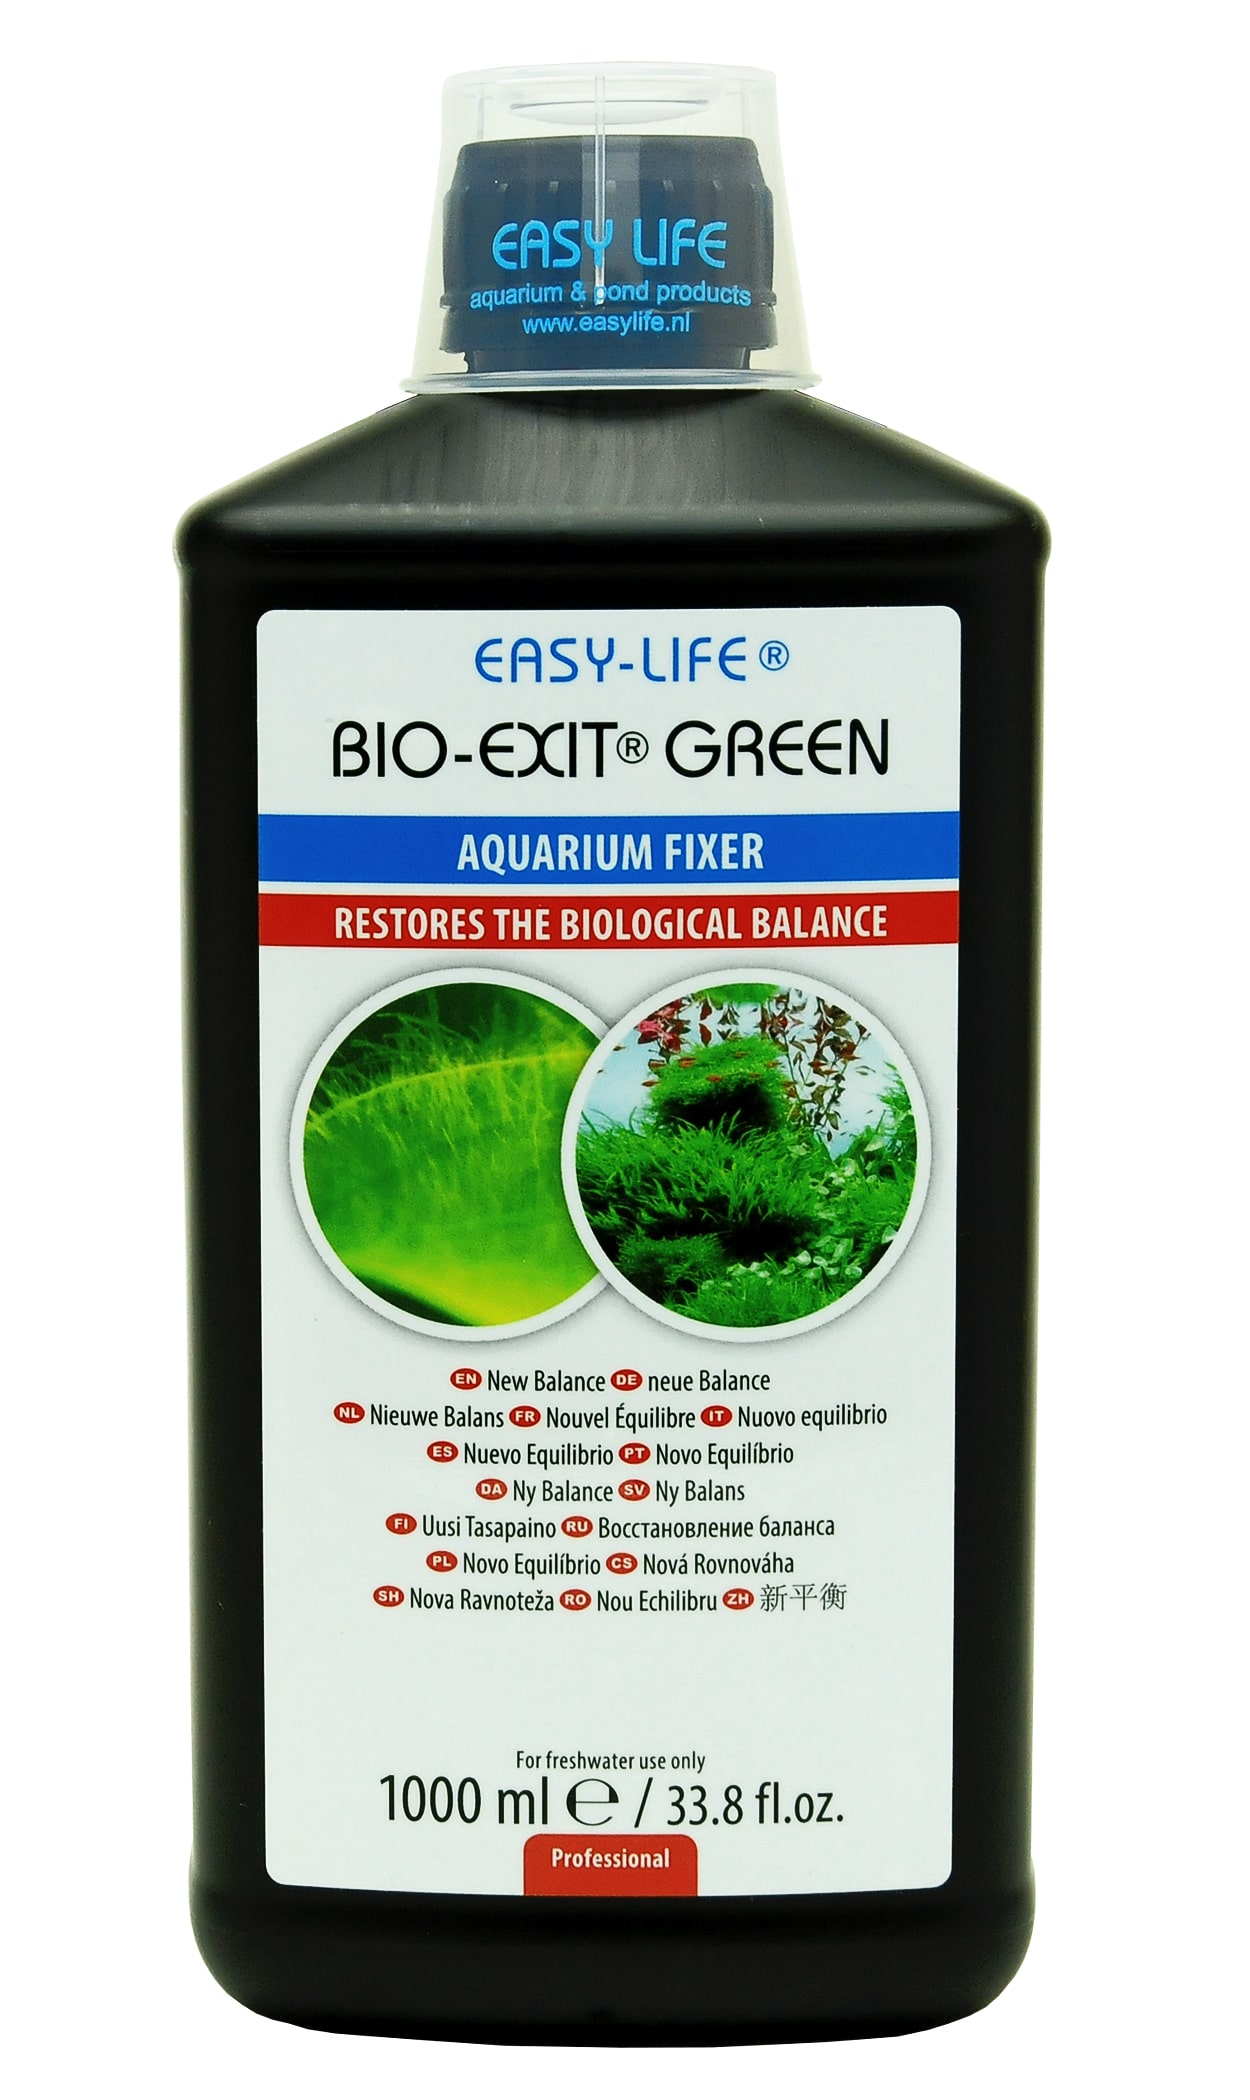 EASY-LIFE Bio-Exit Green 1000 ml traitement de rééquilibrage biologique pour aquarium d\'eau douce